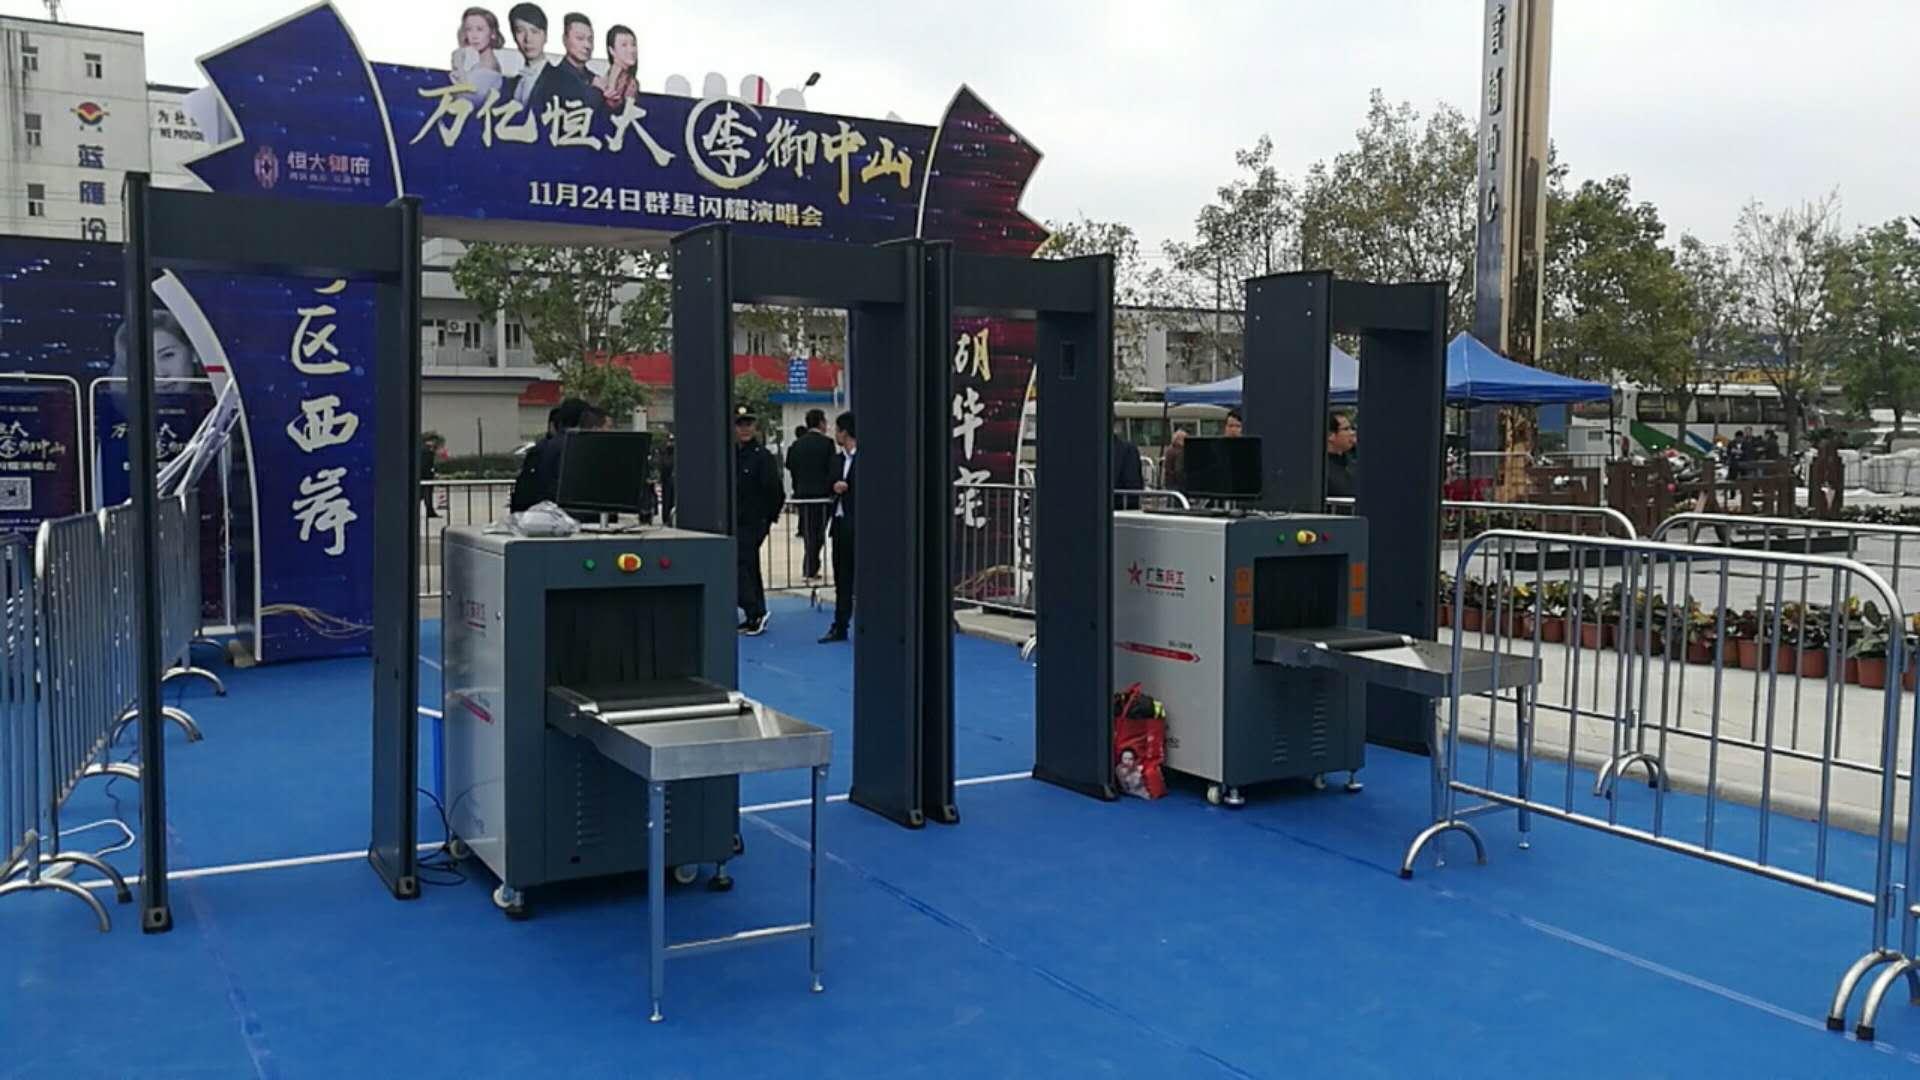 [中山]恒大御府将于11月24日举办群星闪耀演唱会大门安检设备